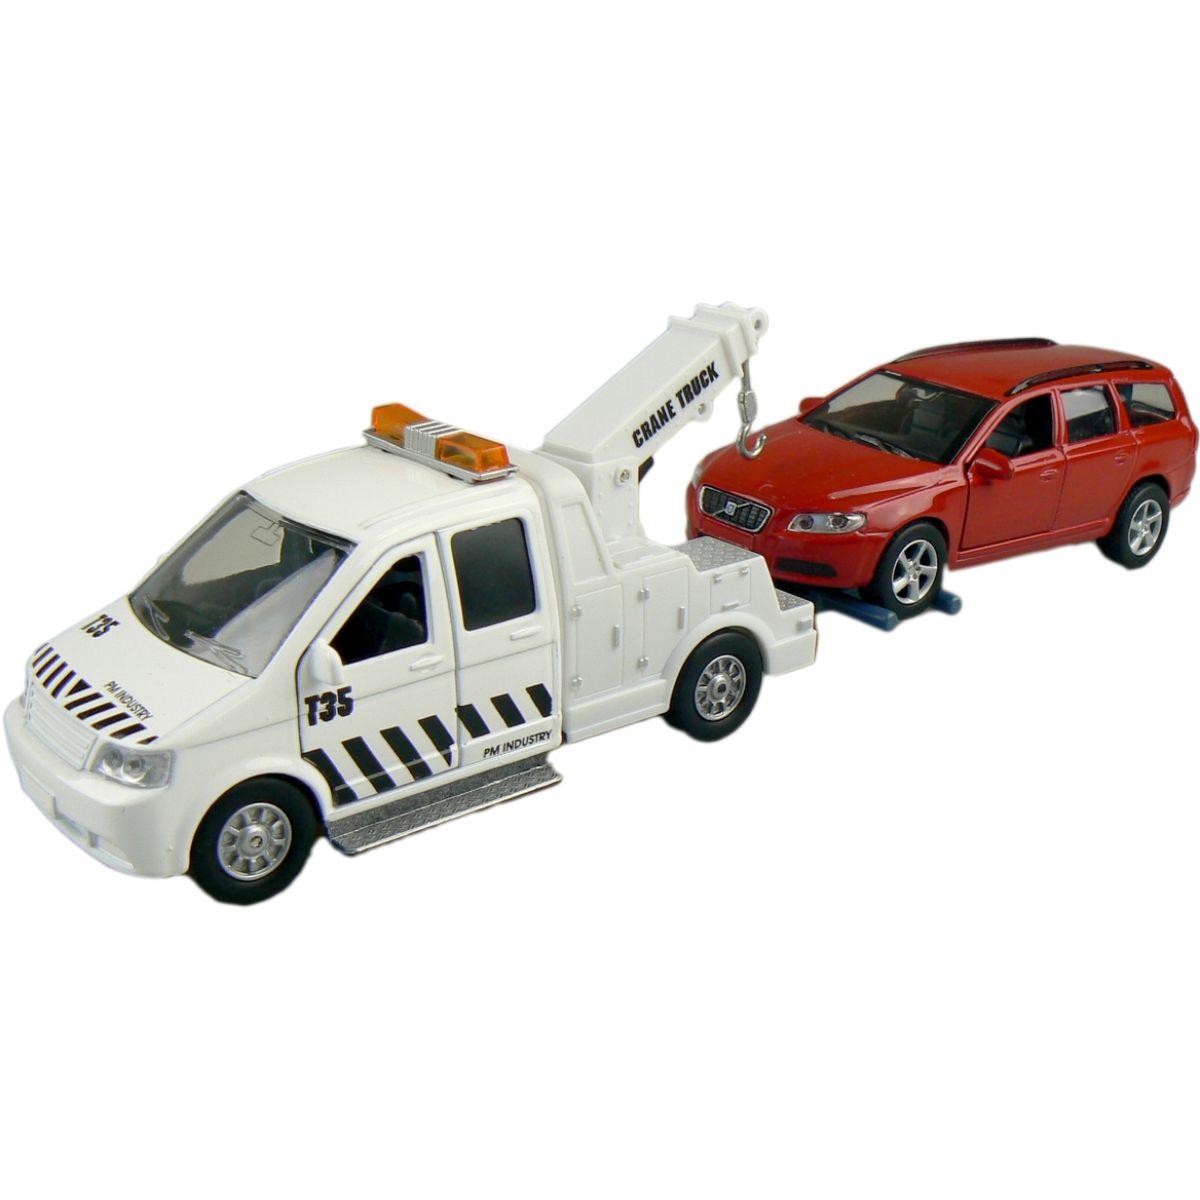 Alltoys Teamsterz Odtahovka - Červené auto